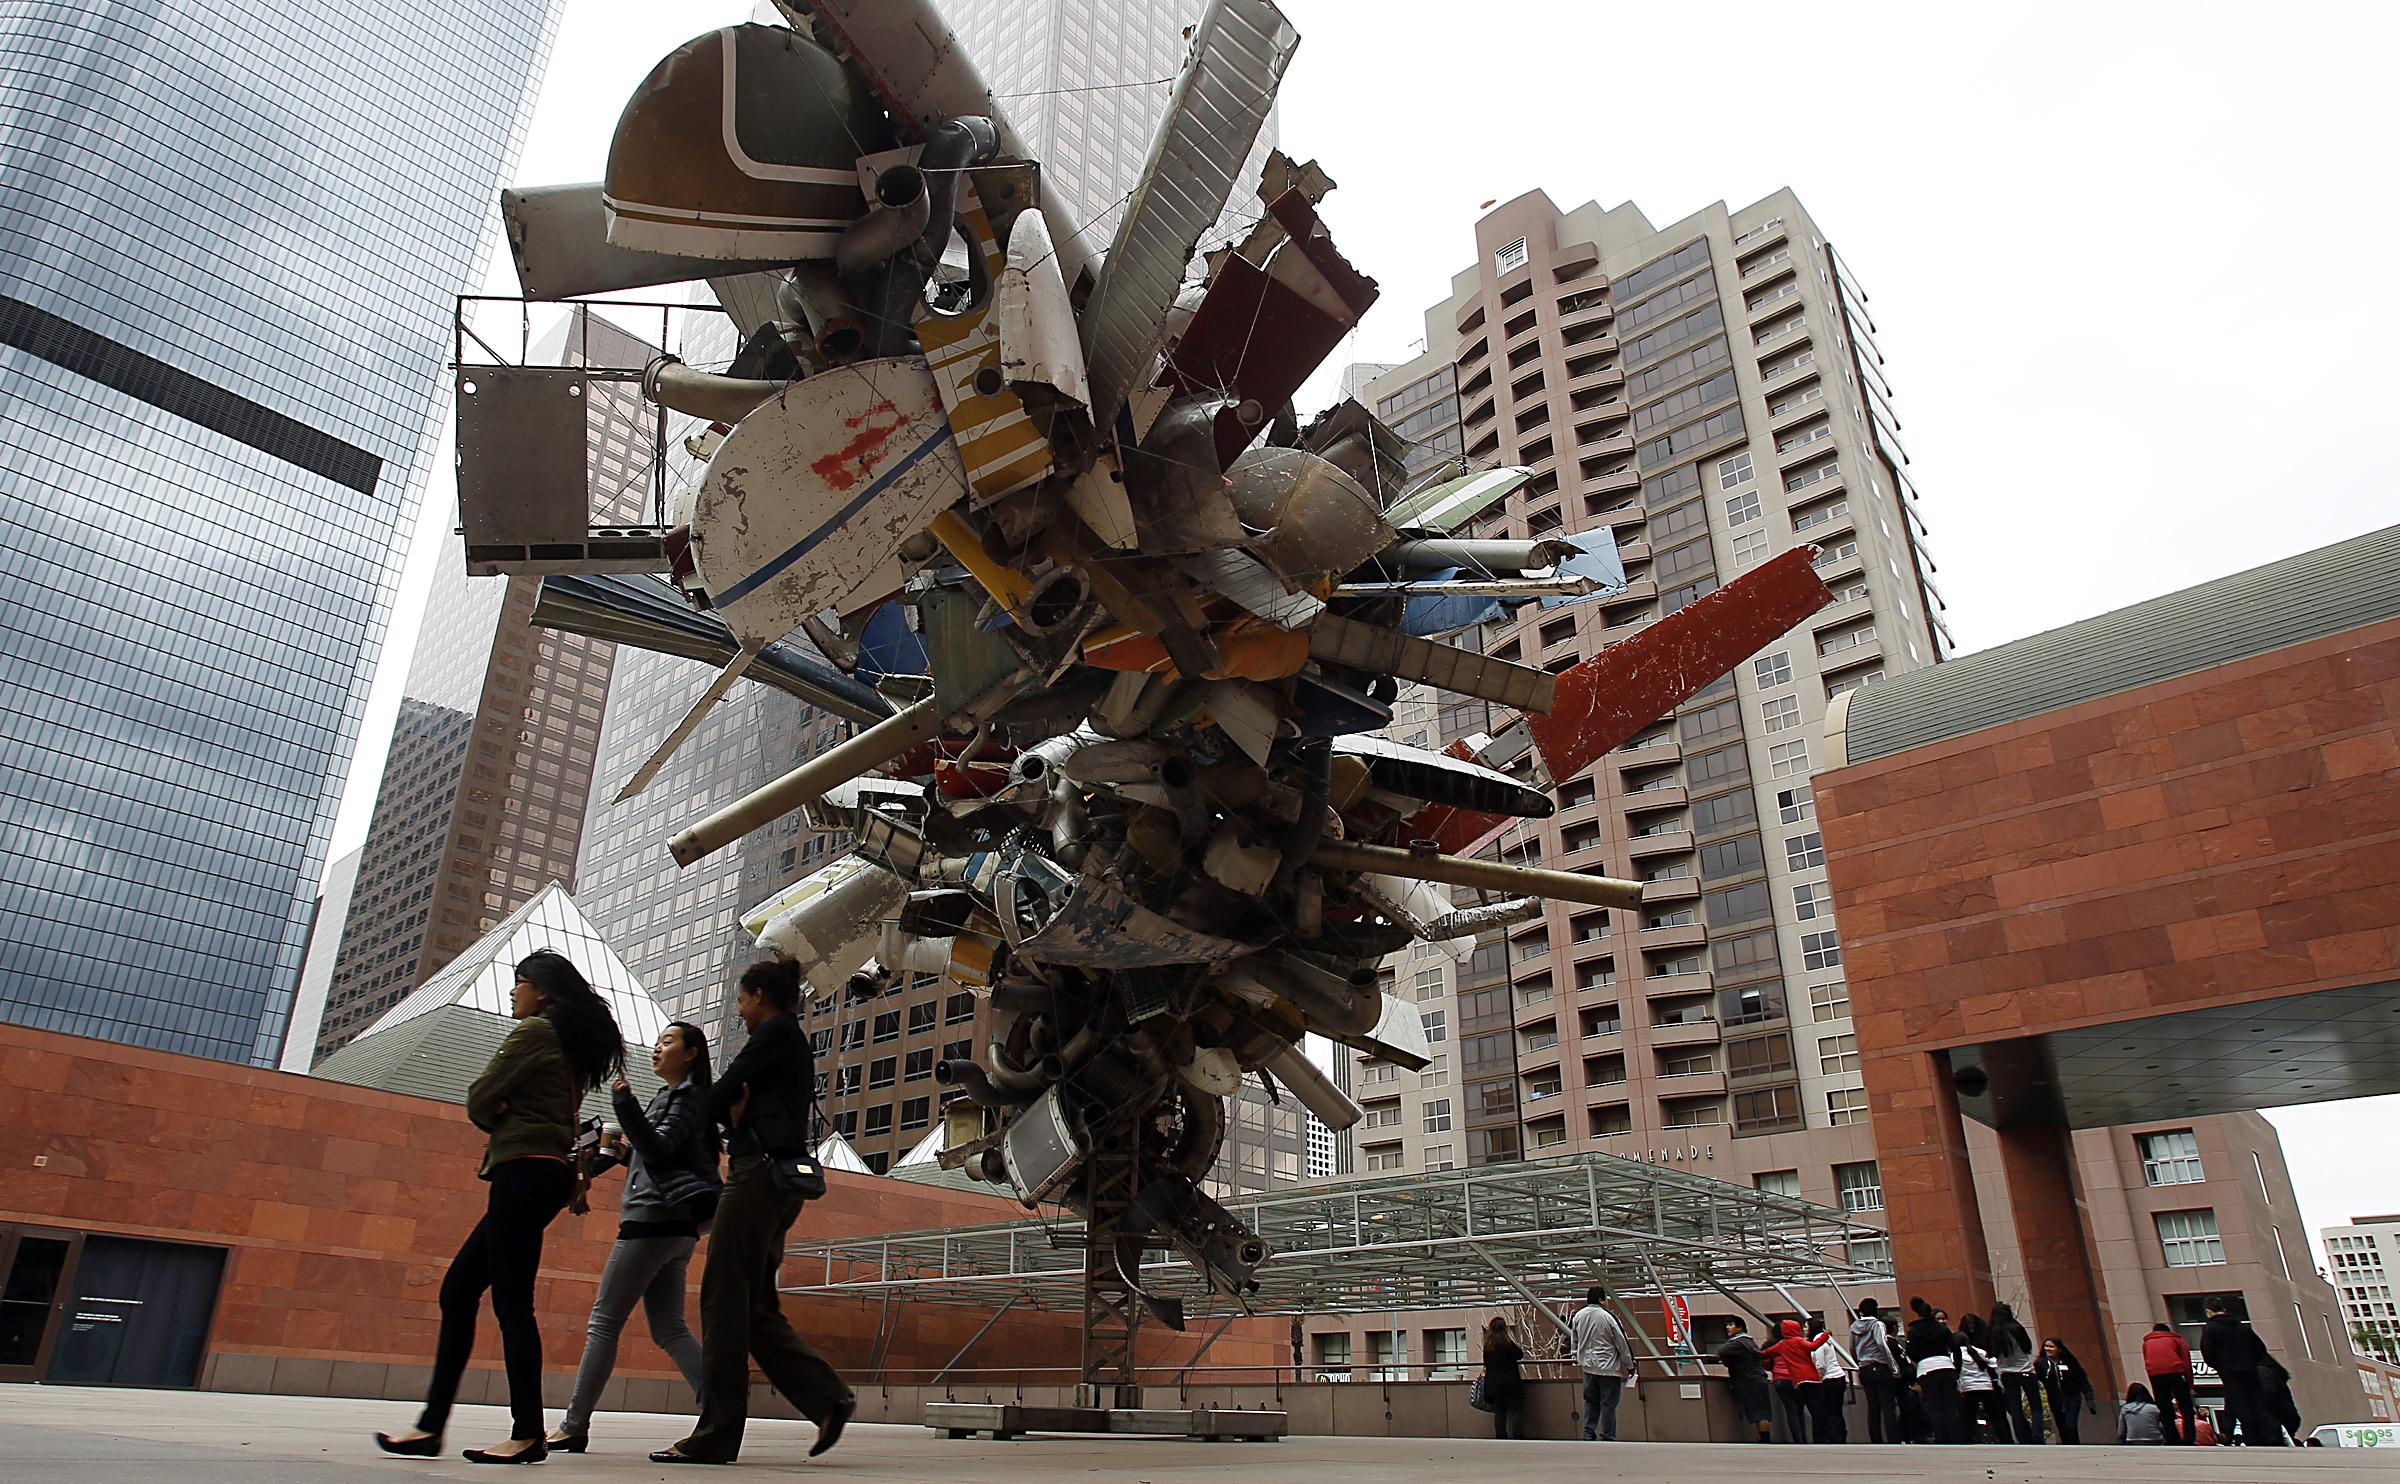 """Museo de Arte Contemporáneo de Los Ángeles, abierto en 1979. """"El trabajo de Arata Isozaki hasta ahora ha superado las seis décadas y más de cien obras construidas en Asia, Europa, América del Norte, Medio Oriente y Australia"""", se lee en el anuncio del premio Pritzker, el galardón que reconoce la obra de los más destacados arquitectos a nivel mundial."""